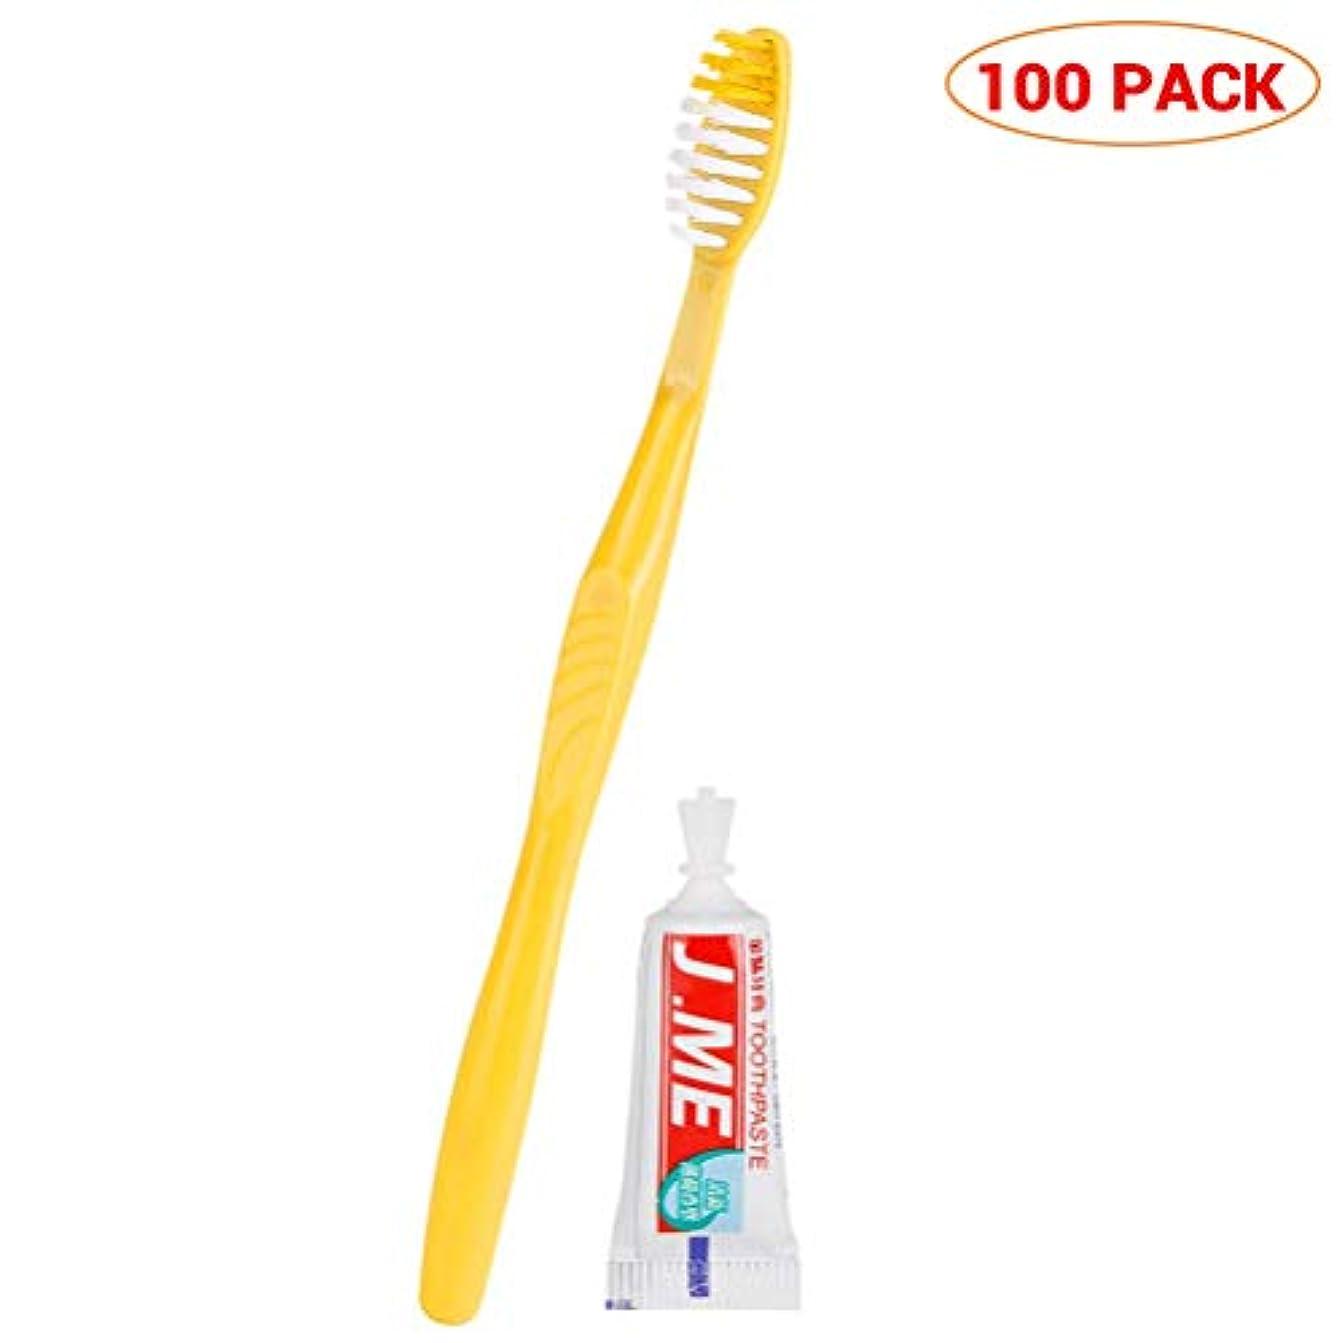 乗り出すトピック救出URHOMY 100セット歯磨き粉セットポータブル歯磨きキット付き使い捨て歯ブラシ